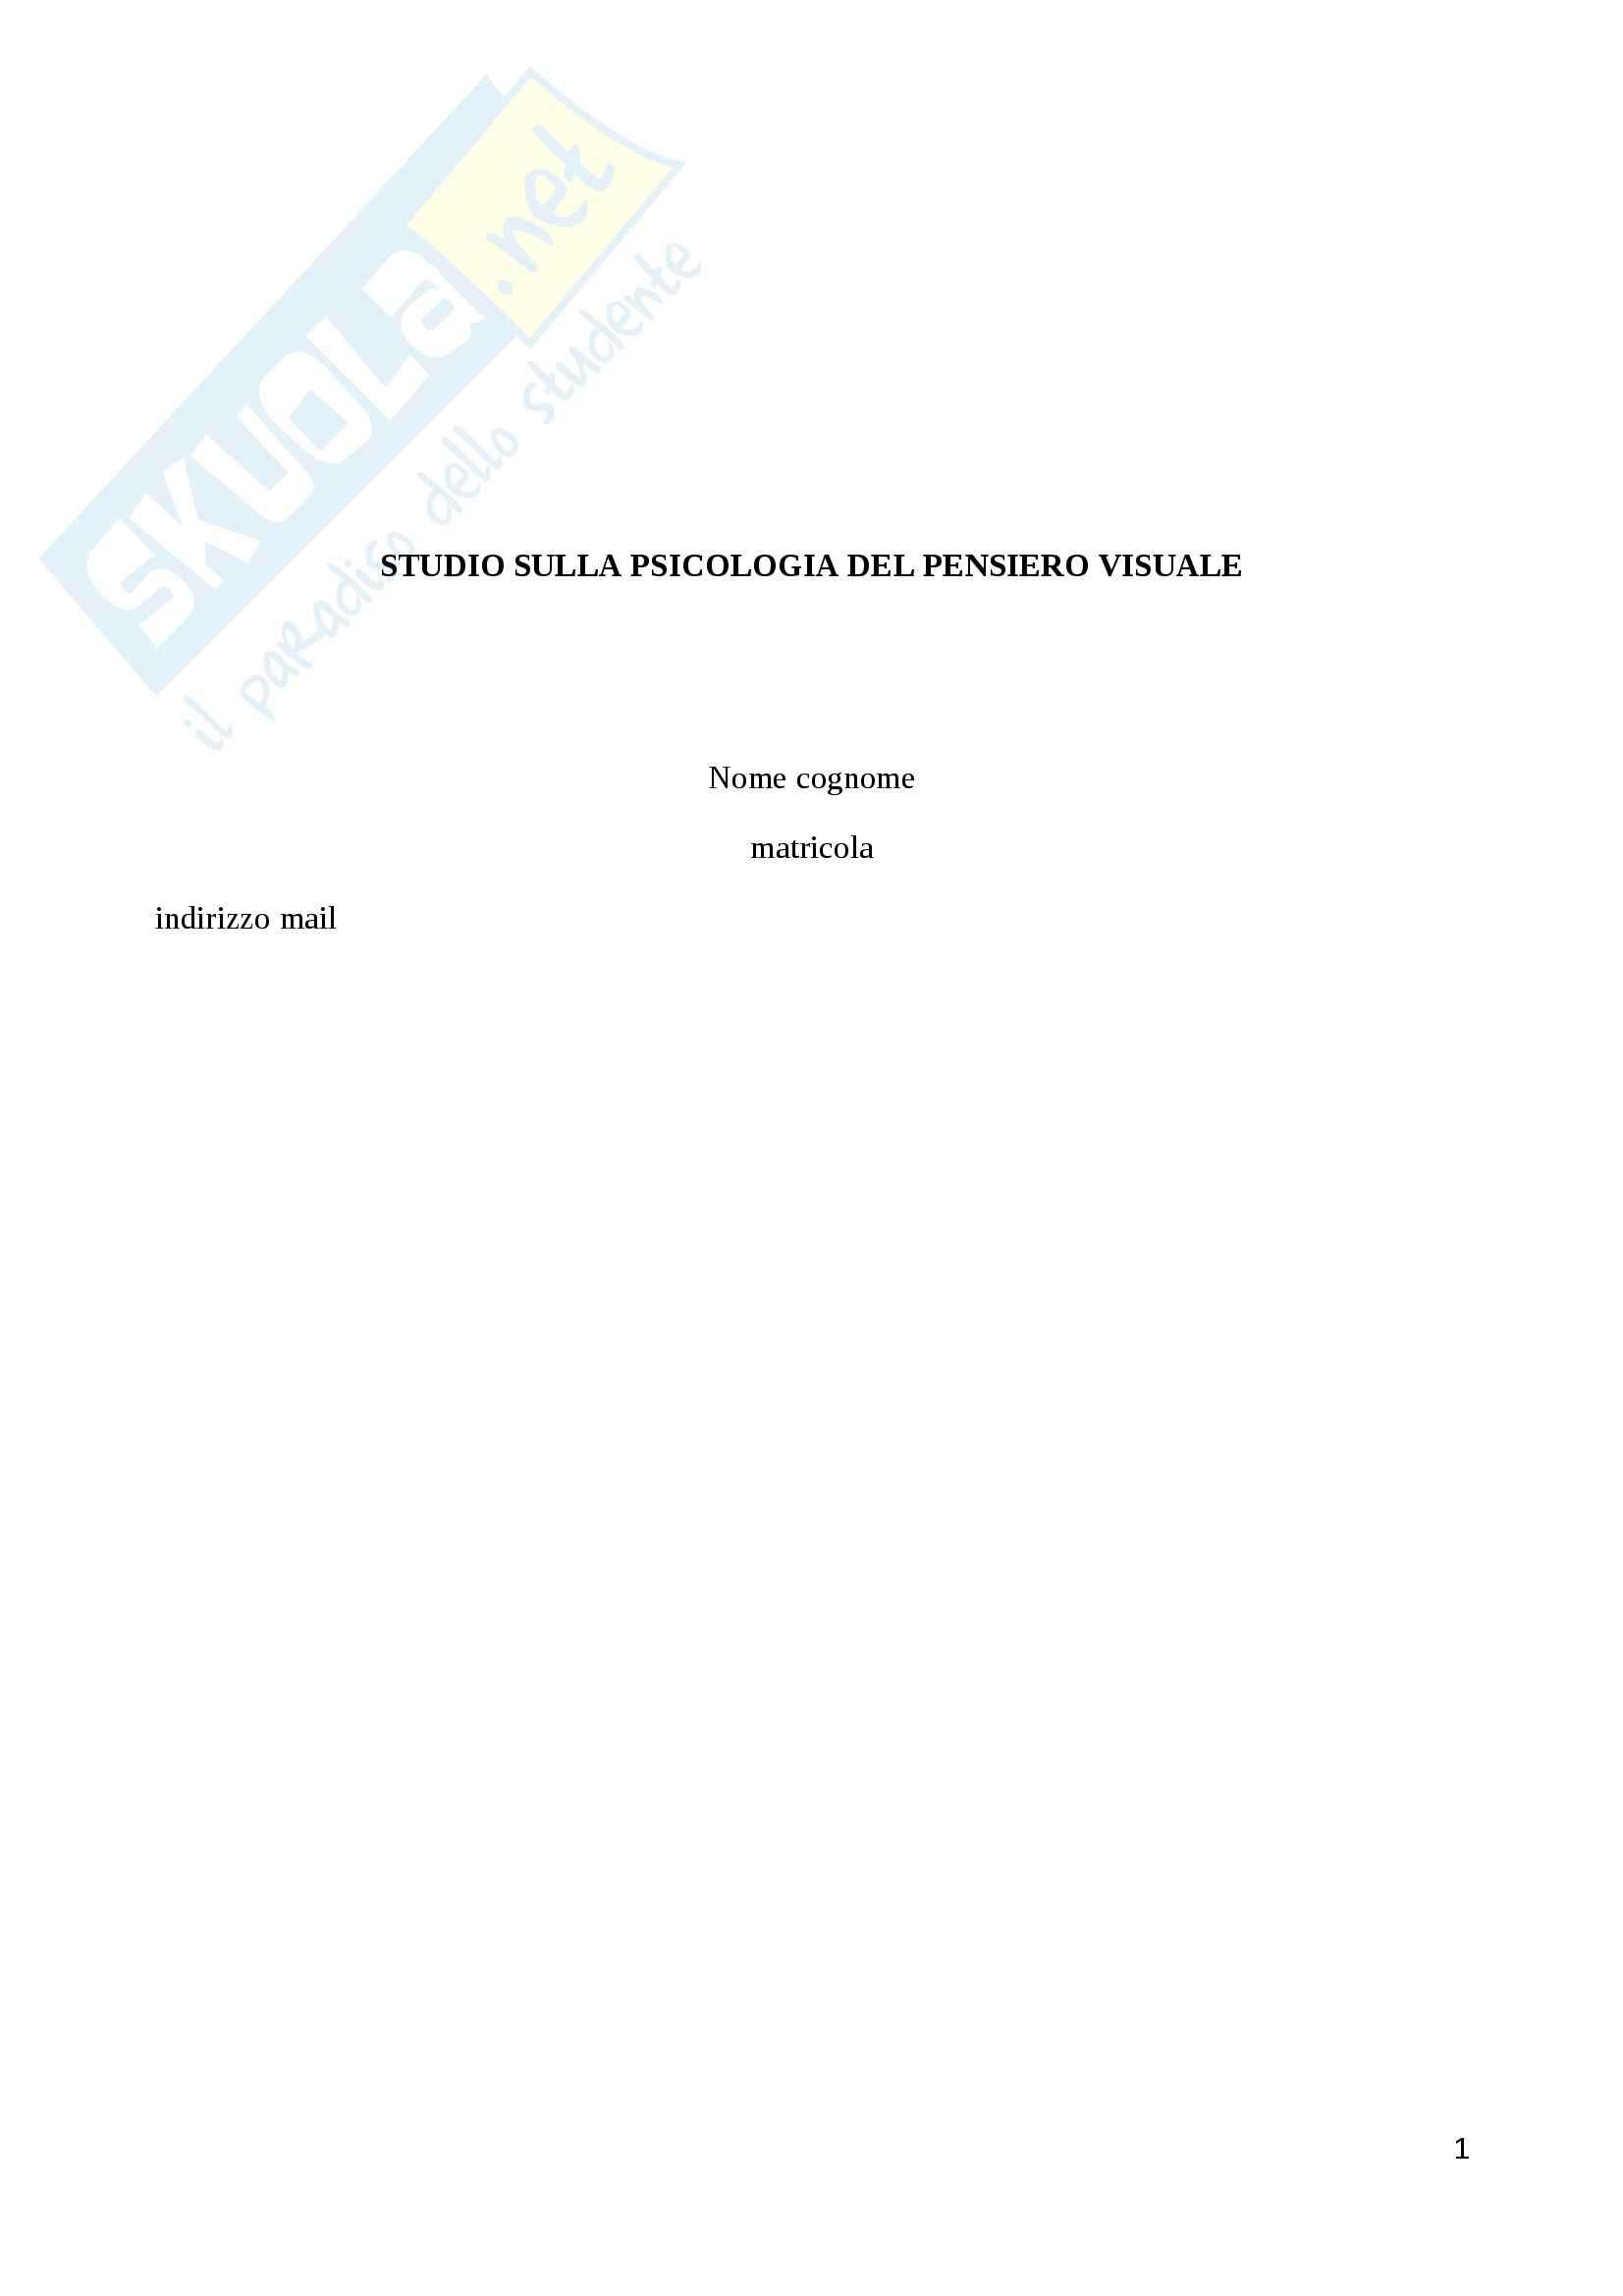 Esempio di report scientifico Psicologia del pensiero visuale